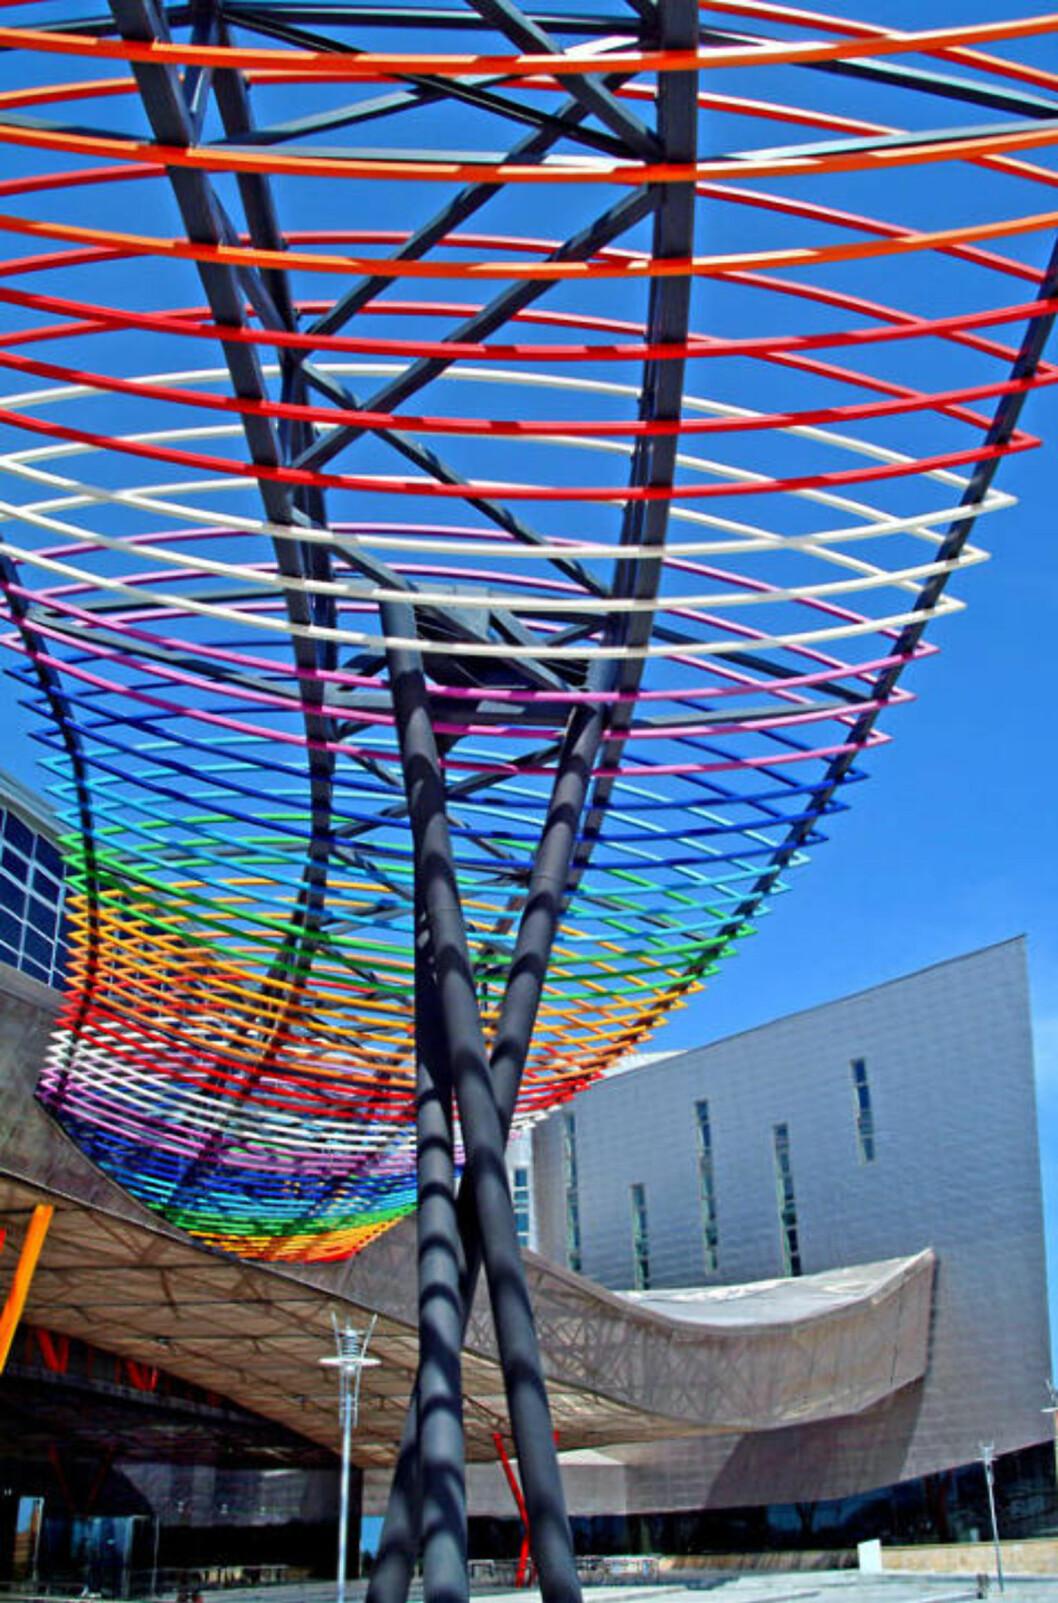 IKON: Messe- og kongressenteret, tegnet av arkitekt Angel Asenjo, er med på å gi Málaga ny stolthet. Foto: NINA HANSEN